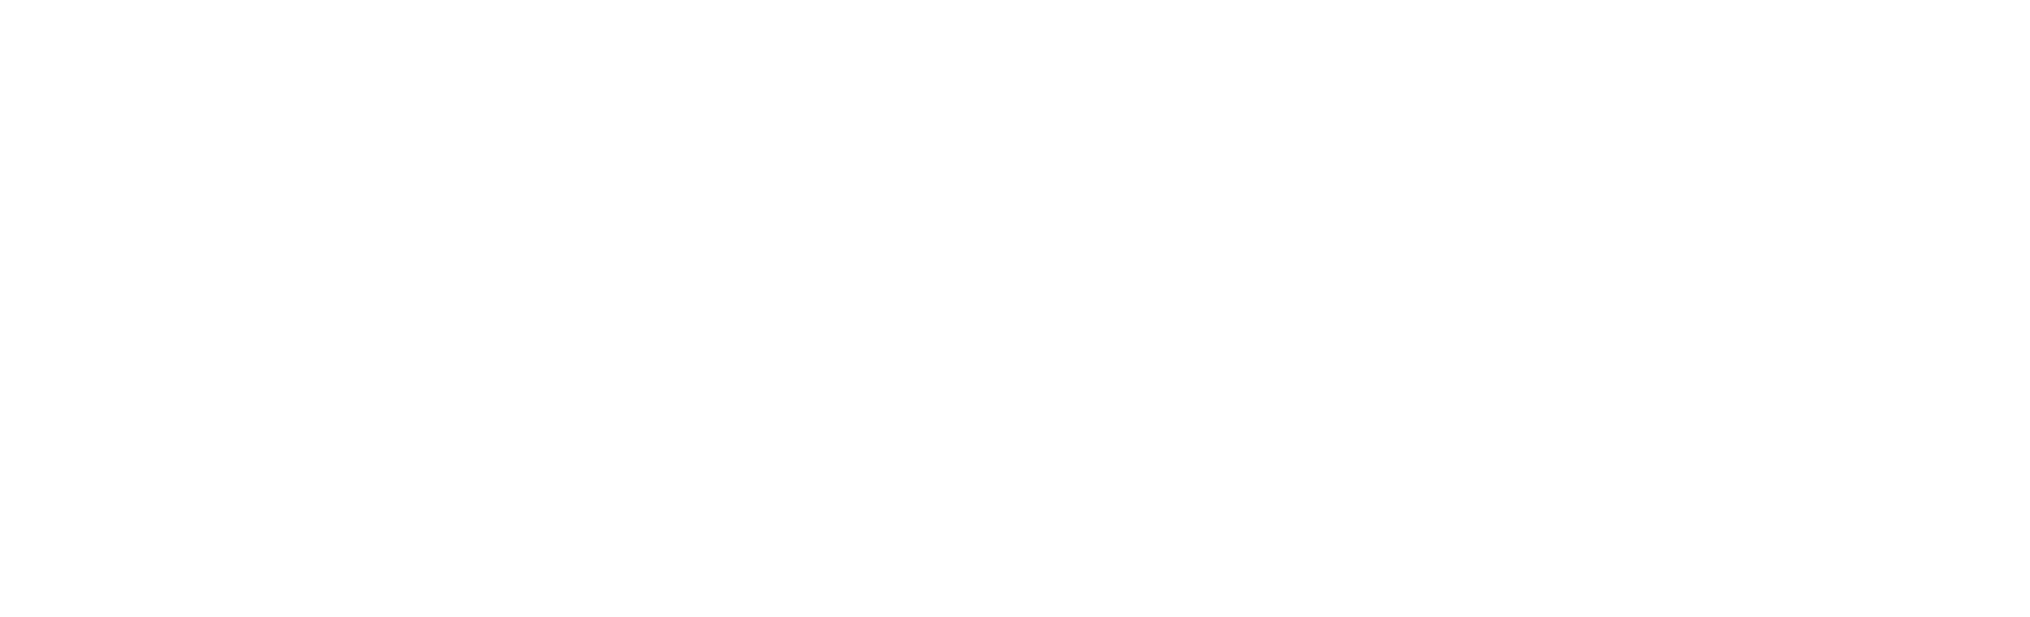 rsp19_0819_clarus_logo_ko